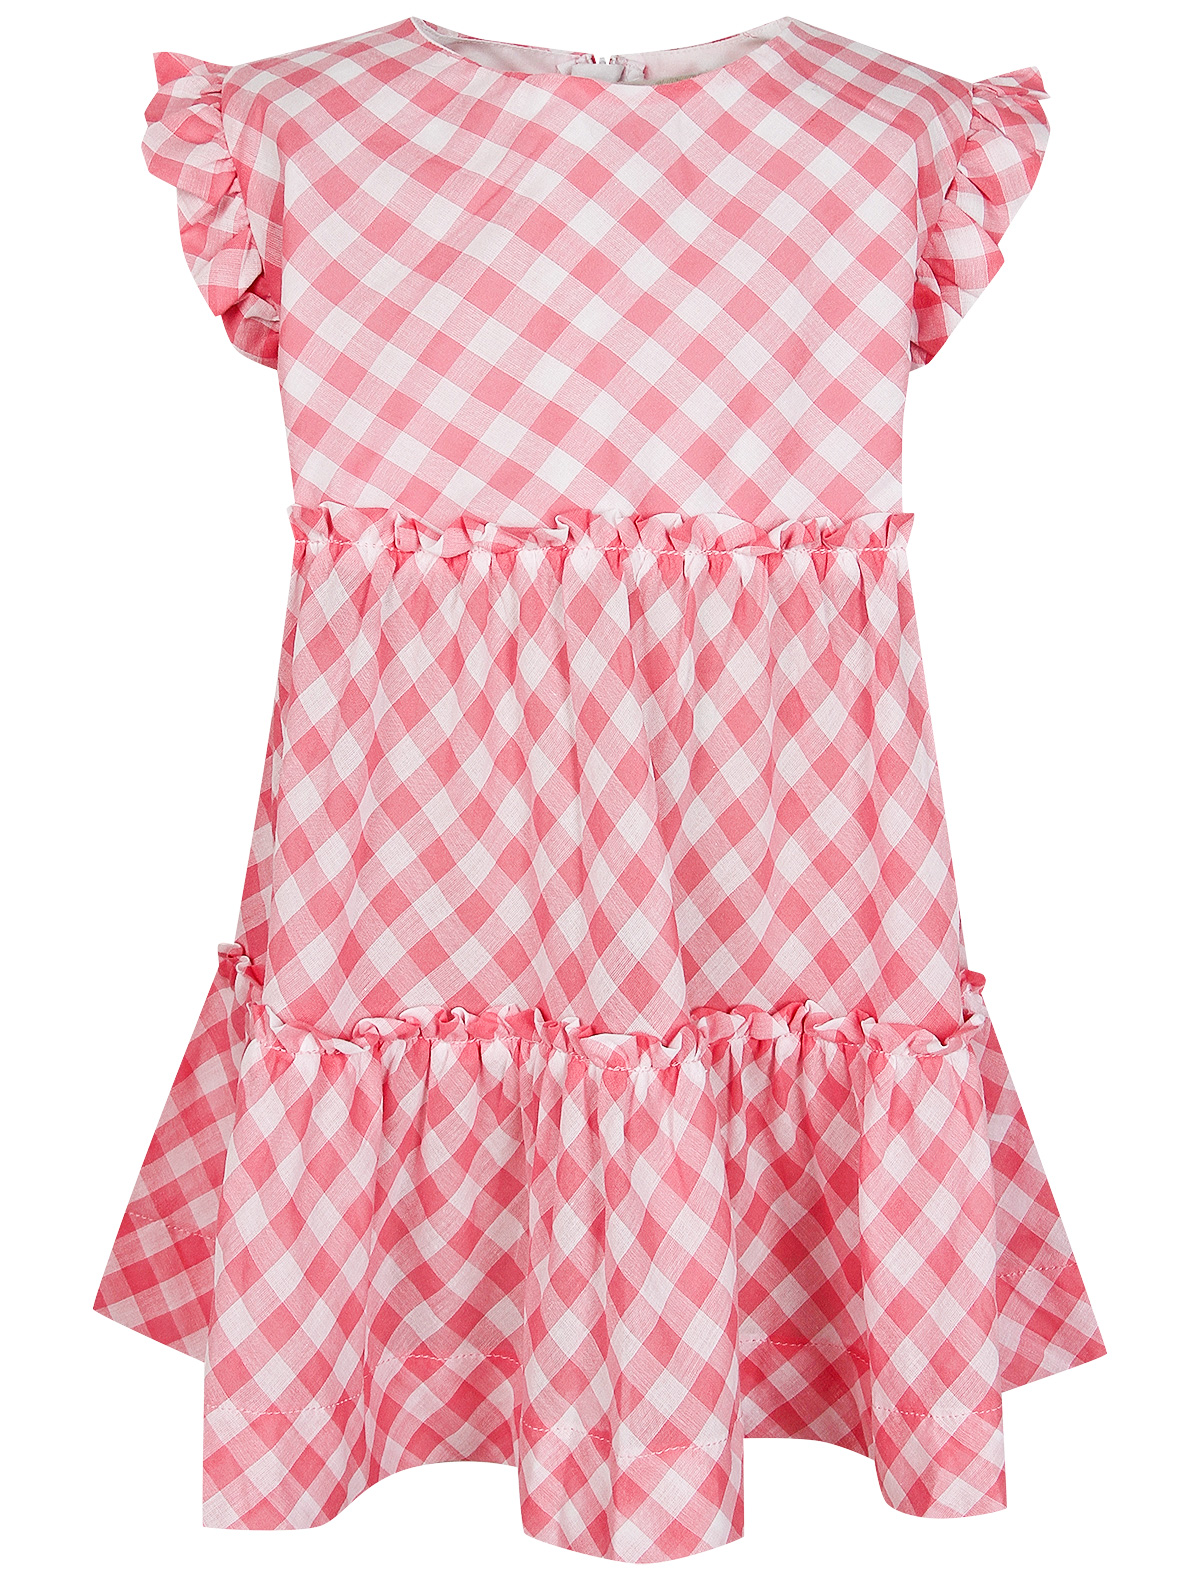 Купить 1958462, Блуза Mayoral, розовый, Женский, 1032609970520